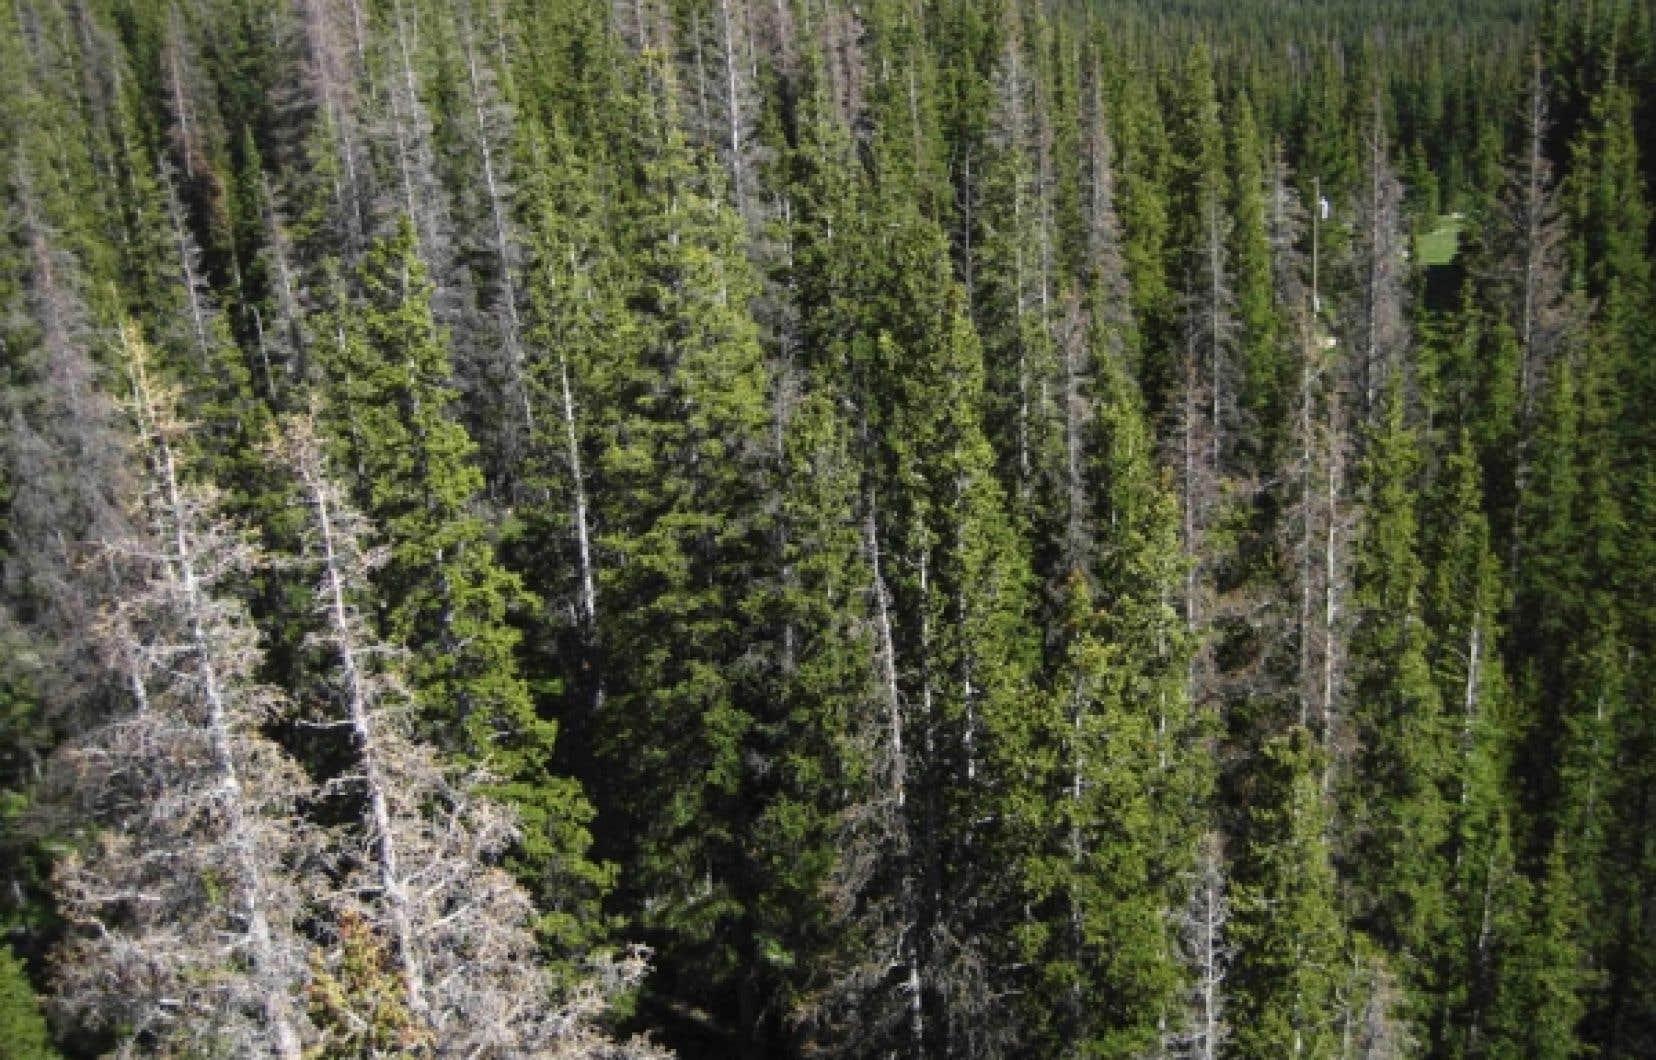 Selon l'entente conclue par l'Association des produits forestiers du Canada, si les compagnies agissent bien pendant trois ans dans leurs forêts du sud, Greenpeace et associés leur conféreront une sorte de bénédiction «certificatrice» et cesseront leurs protestations internationales.